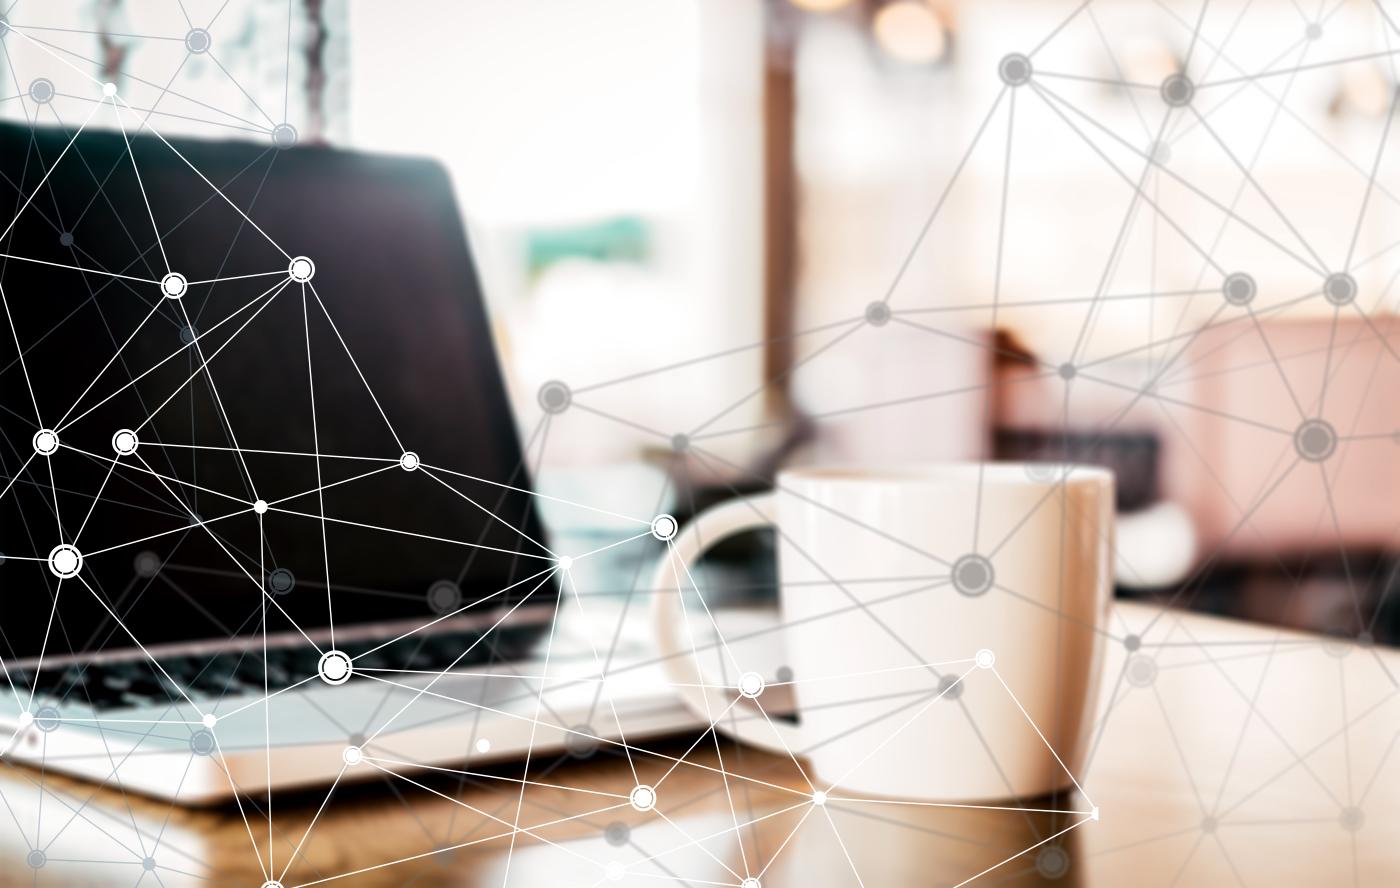 Tài liệu: Hướng dẫn bắt đầu với Trí tuệ nhân tạo – AI